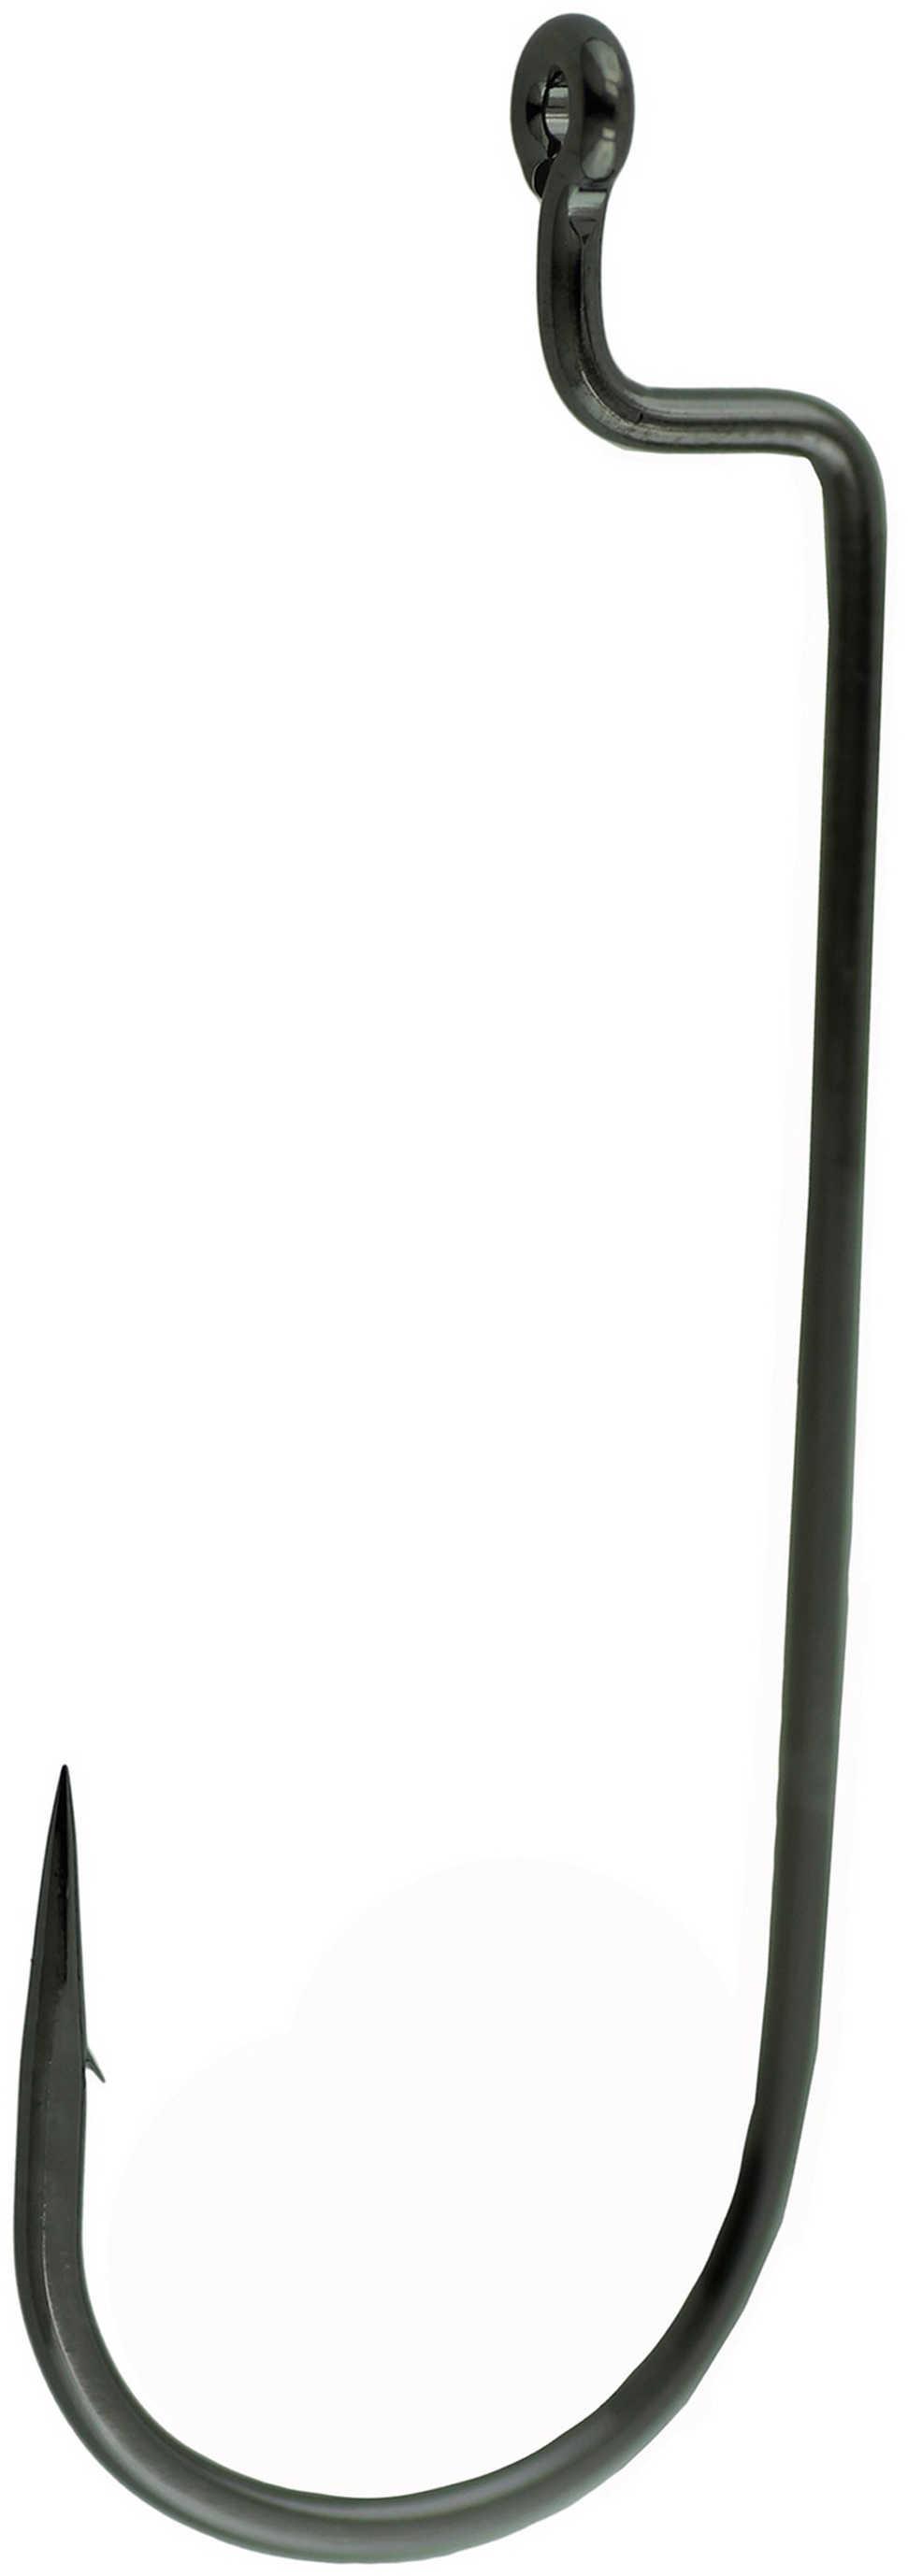 Gamakatsu / Spro Gamakatsu Worm Hook Wide Black Offset 2/0 Md#: 54412